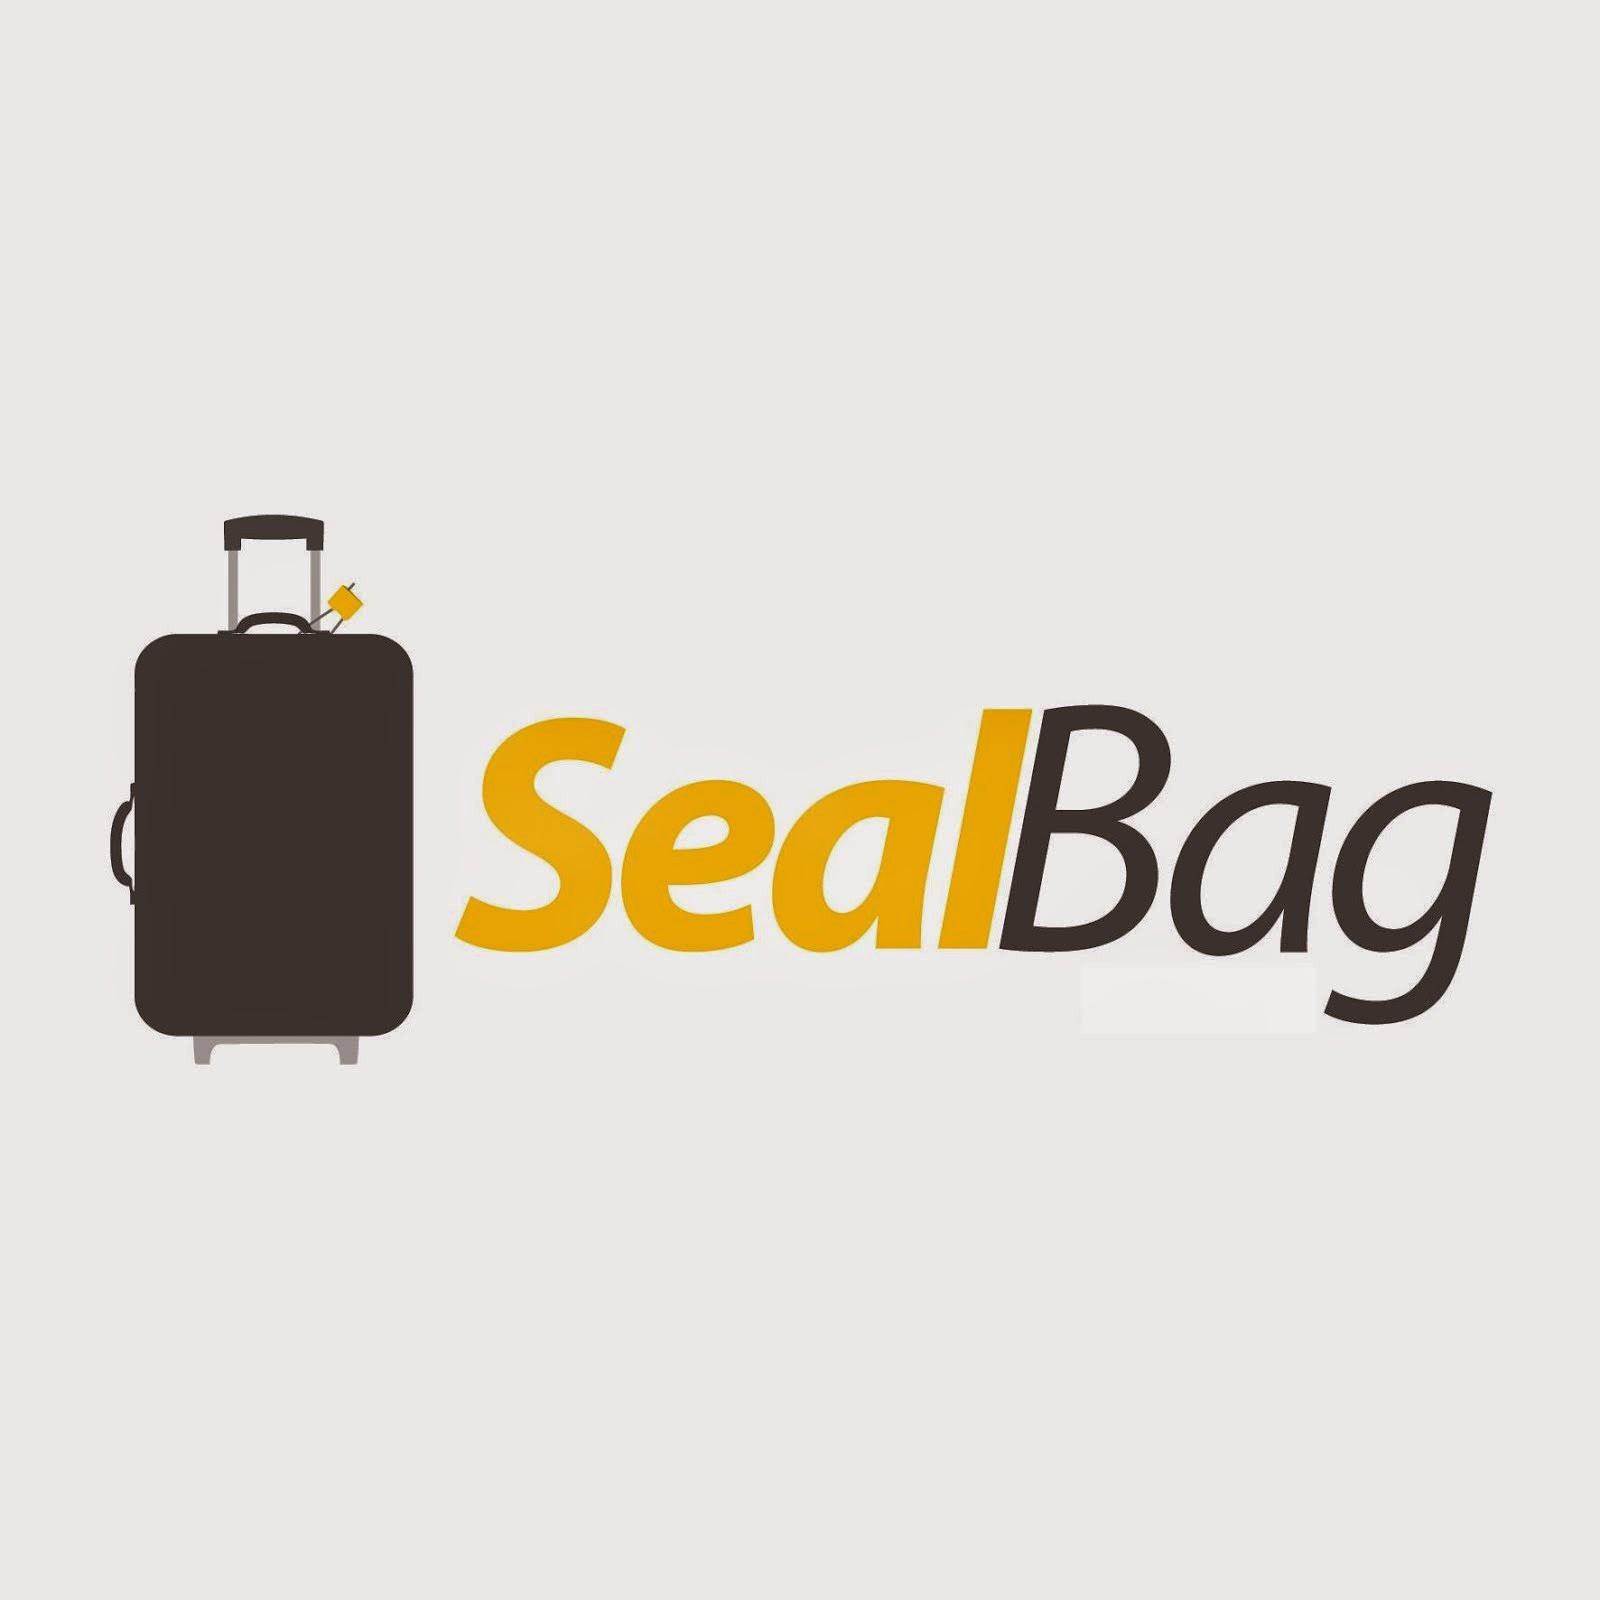 Evite violação nas malas e bagagens. Acesse aqui: